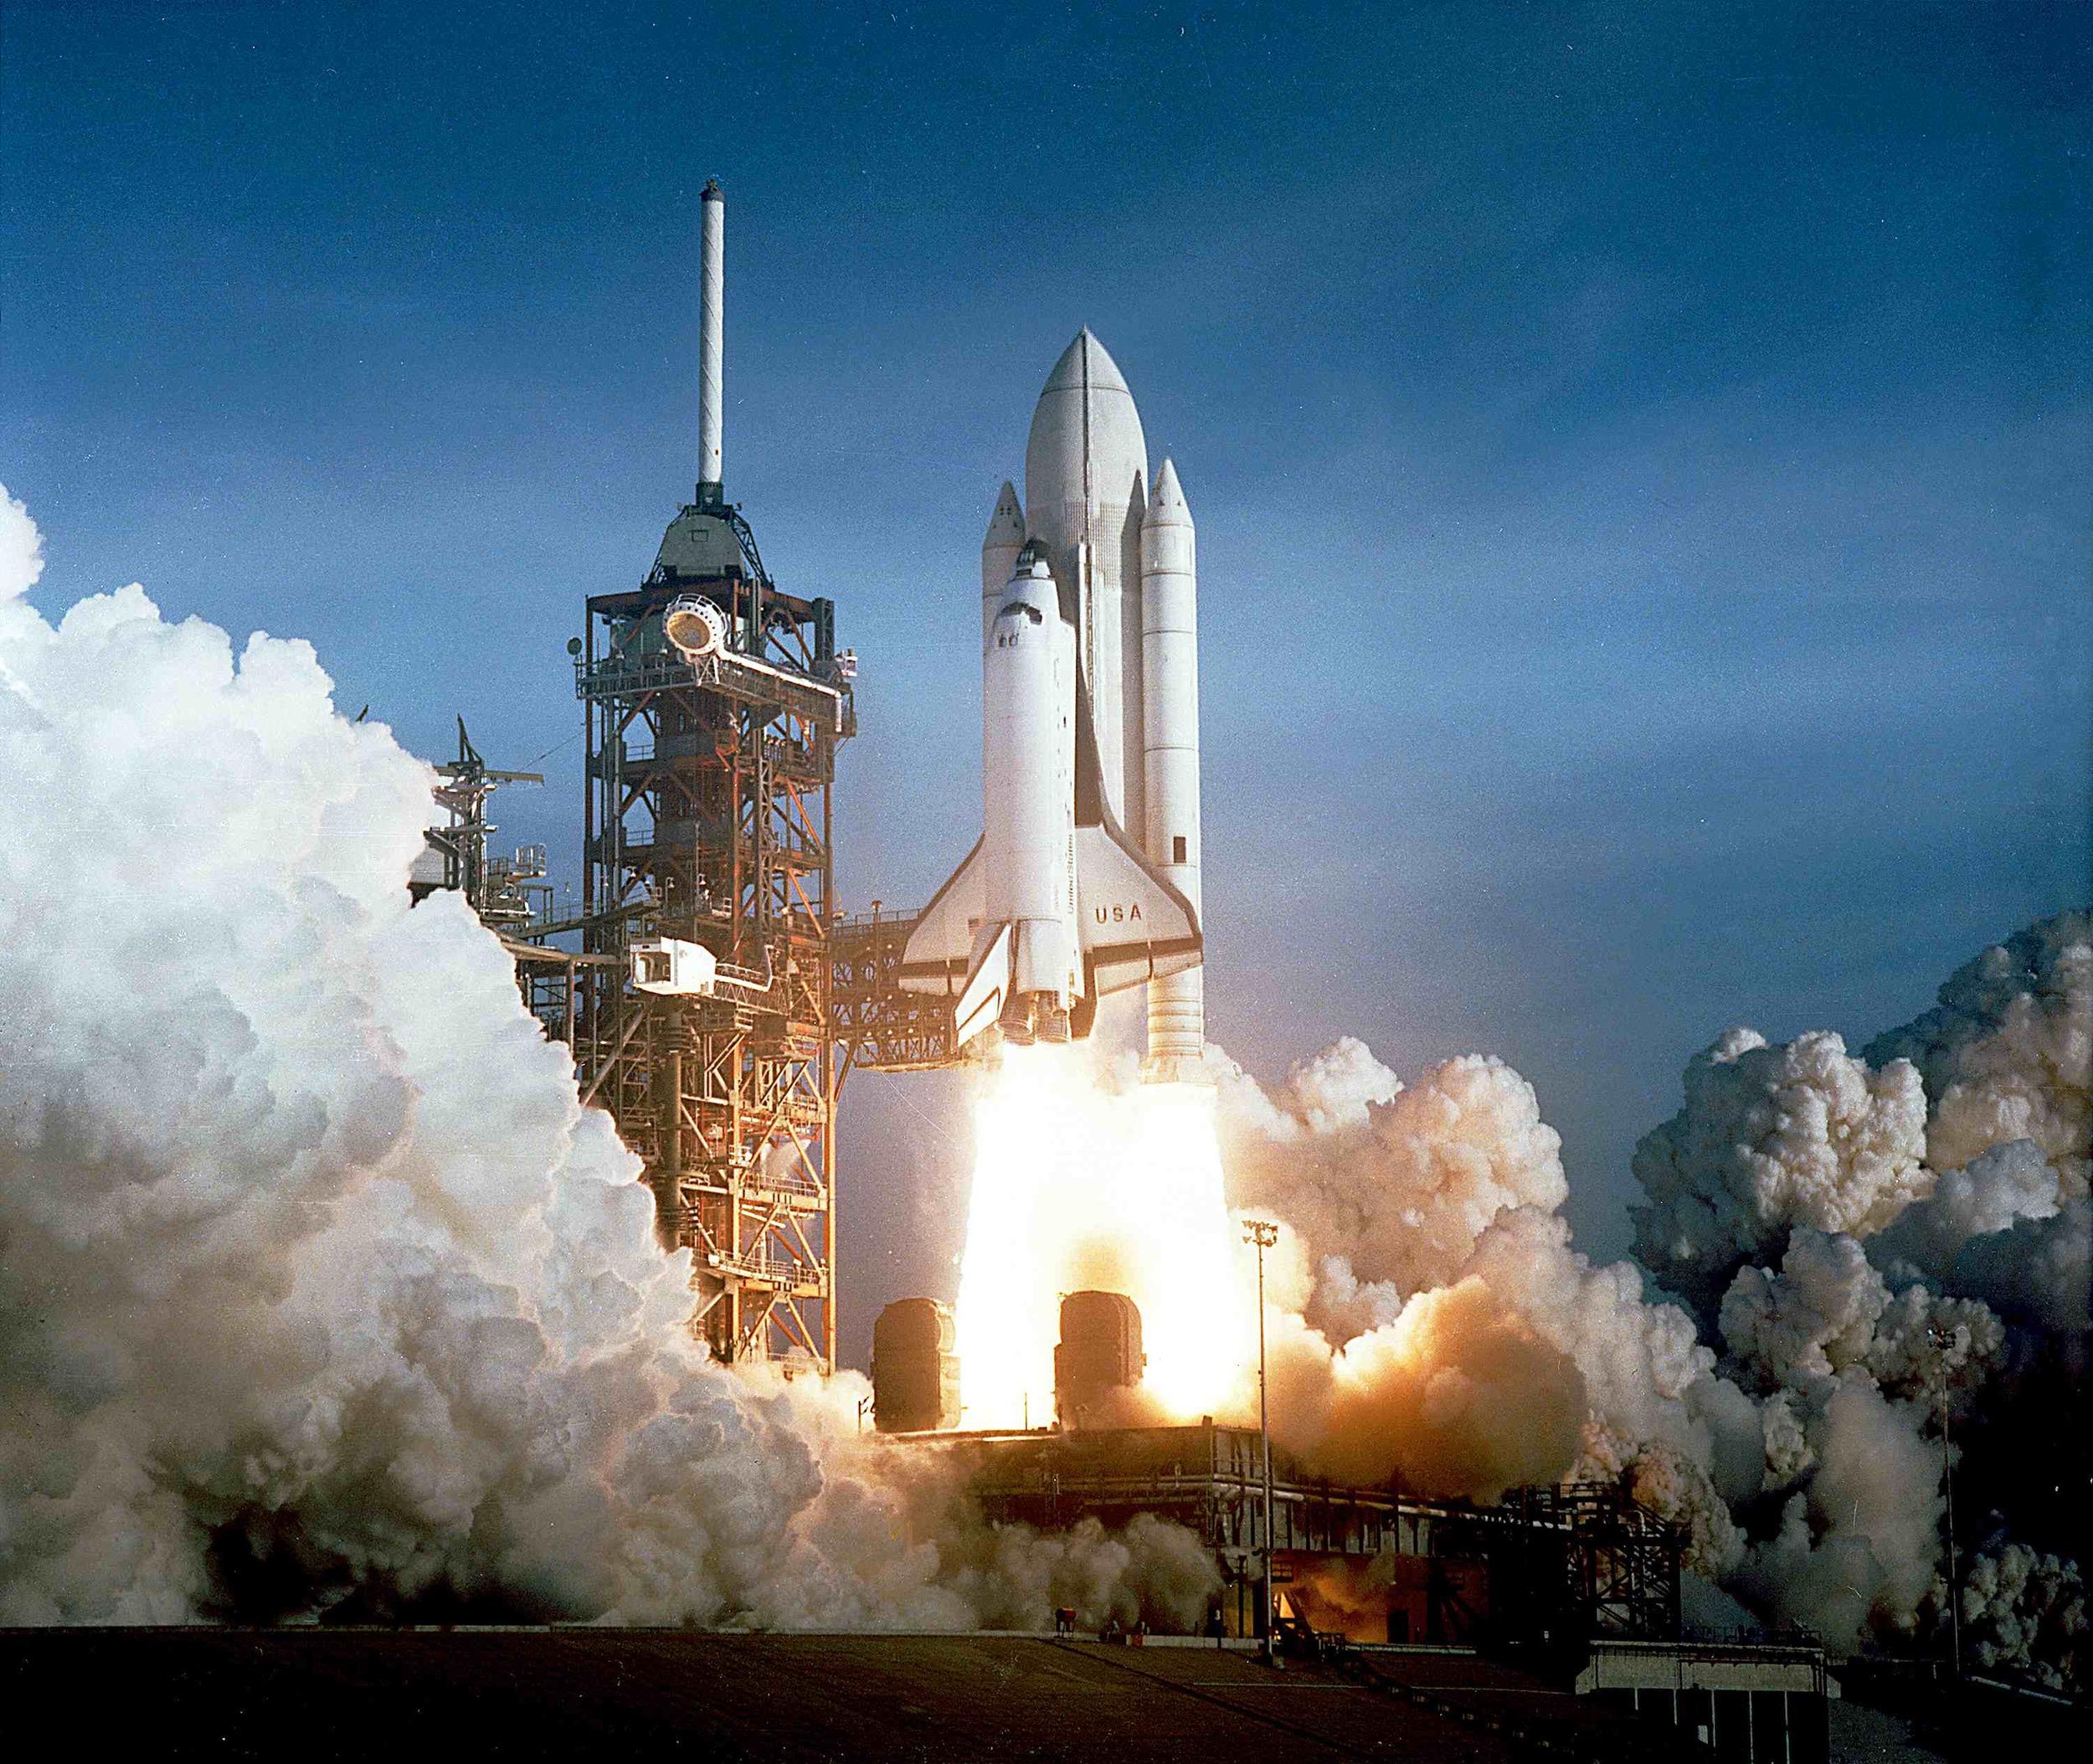 Space shuttle Columbia launching -By NASA [Public domain], via  Wikimedia Commons